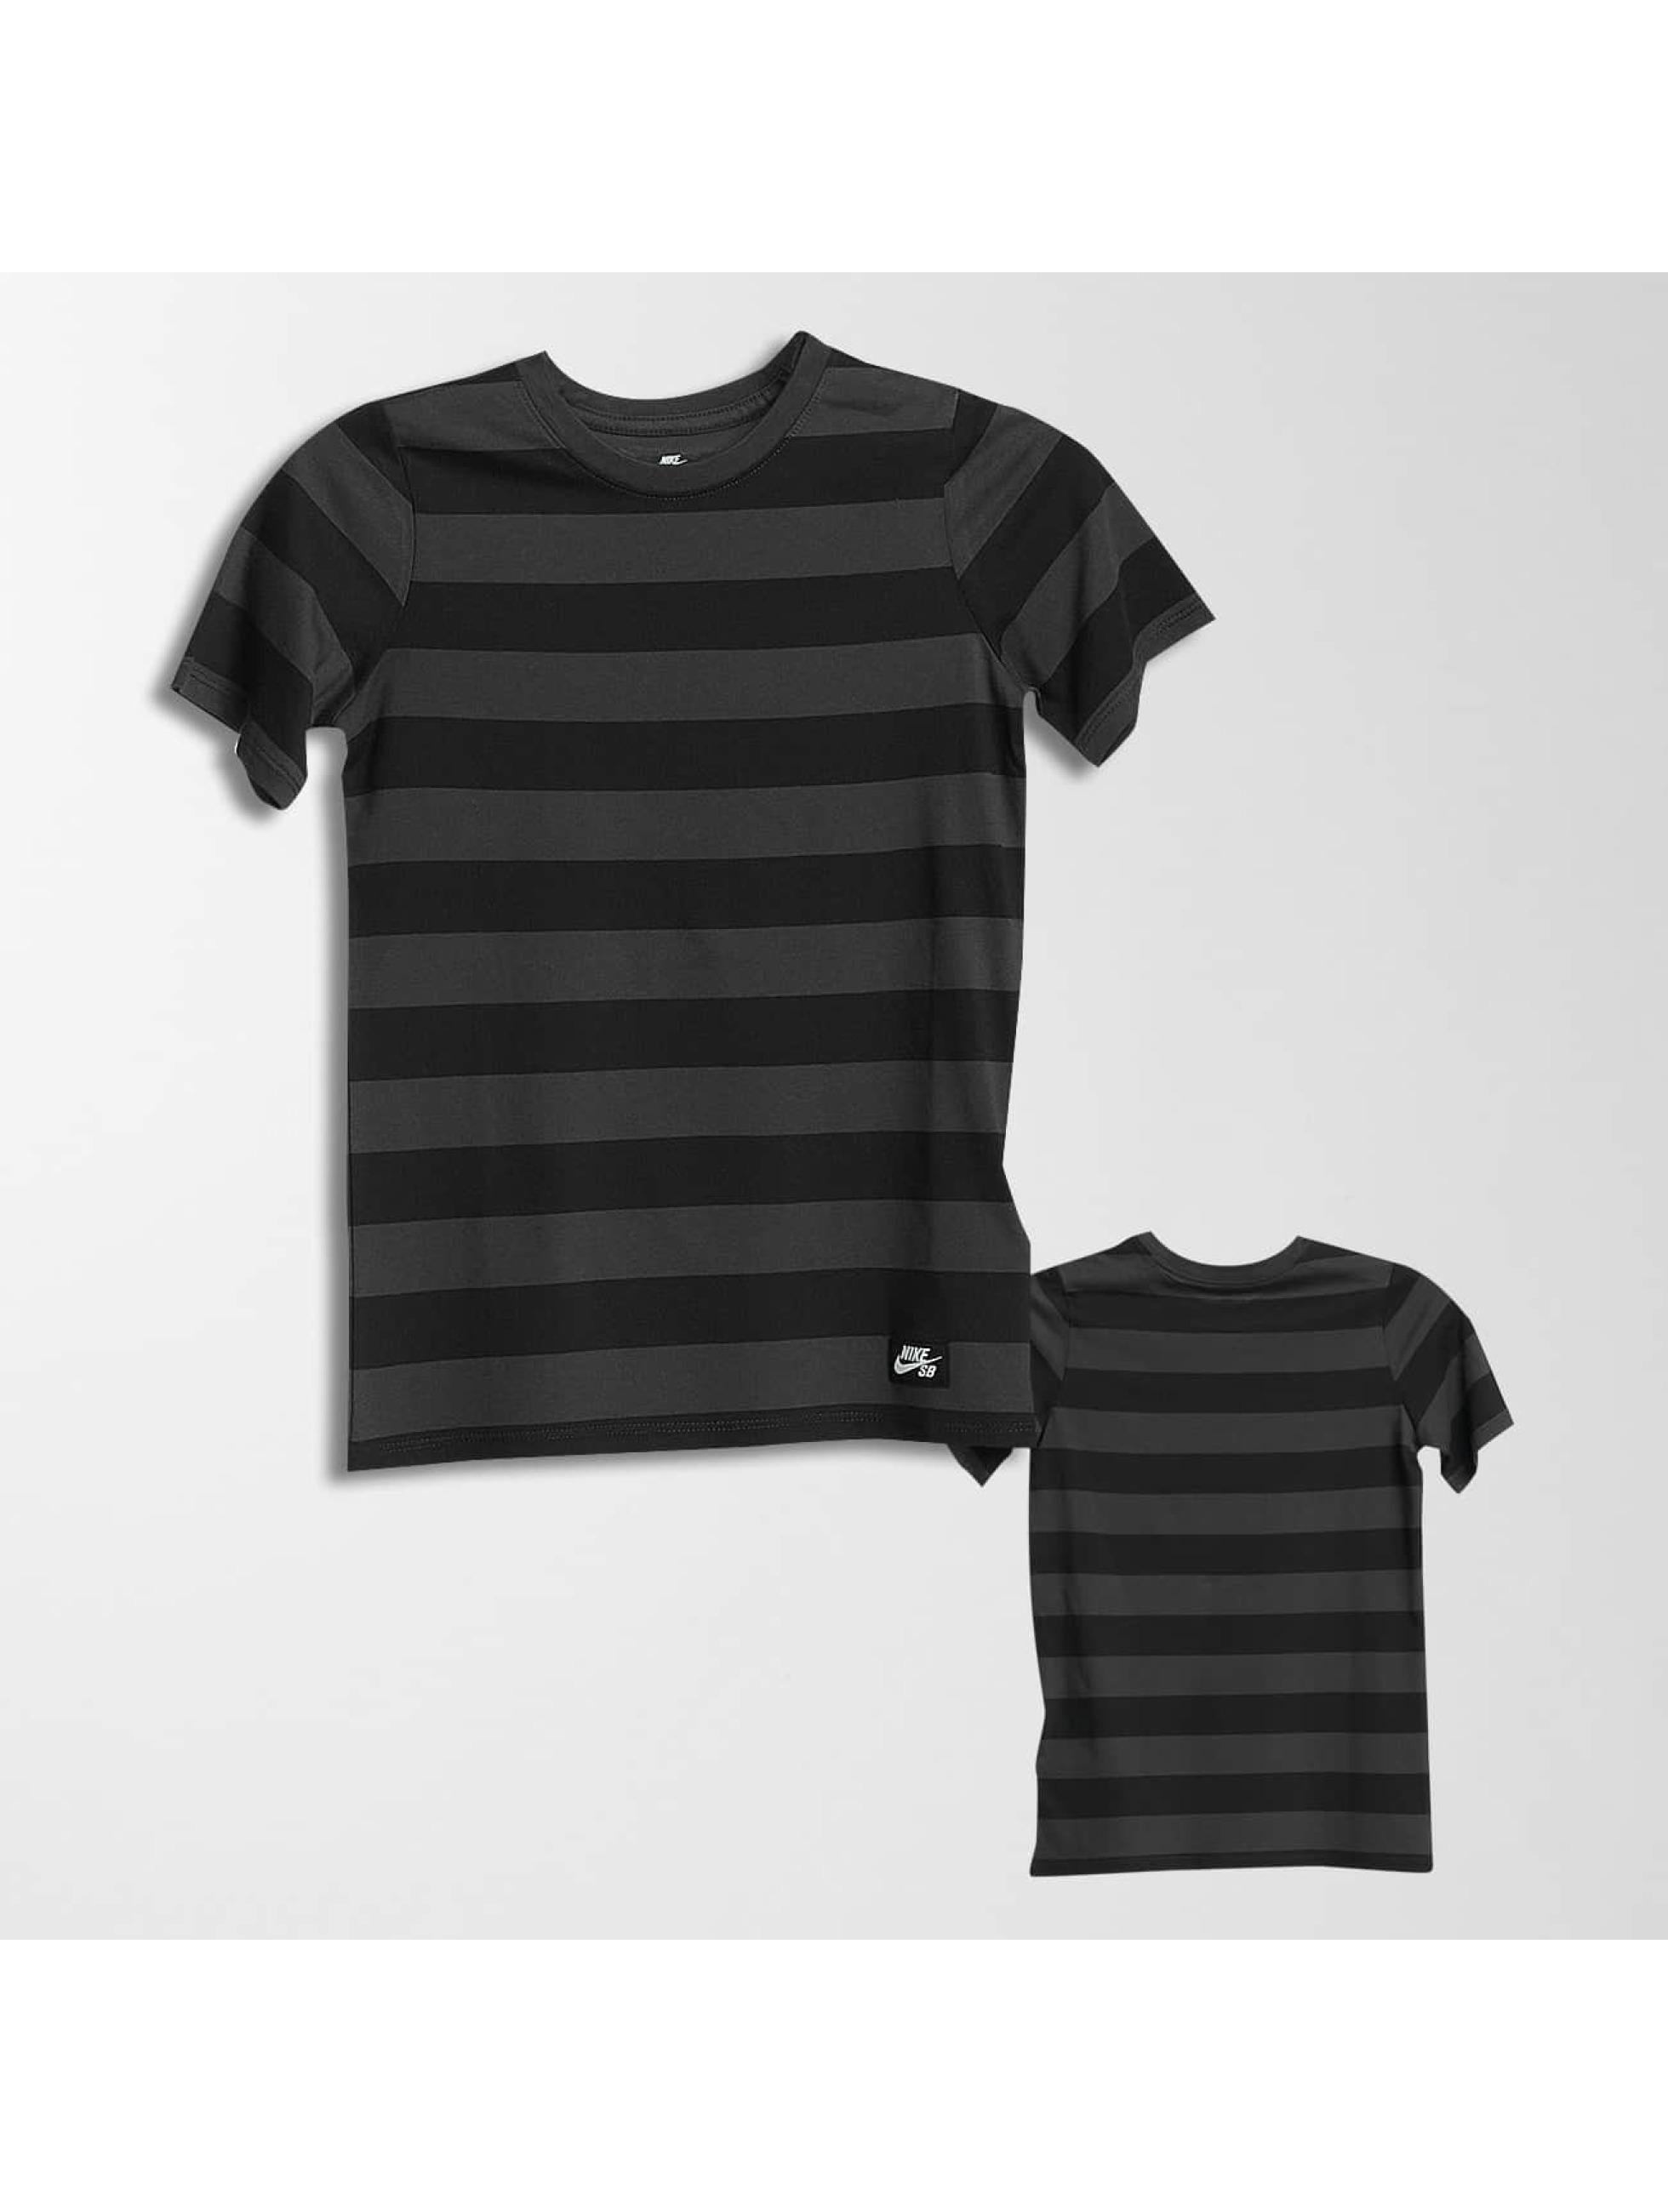 Nike SB T-shirt Boys grigio